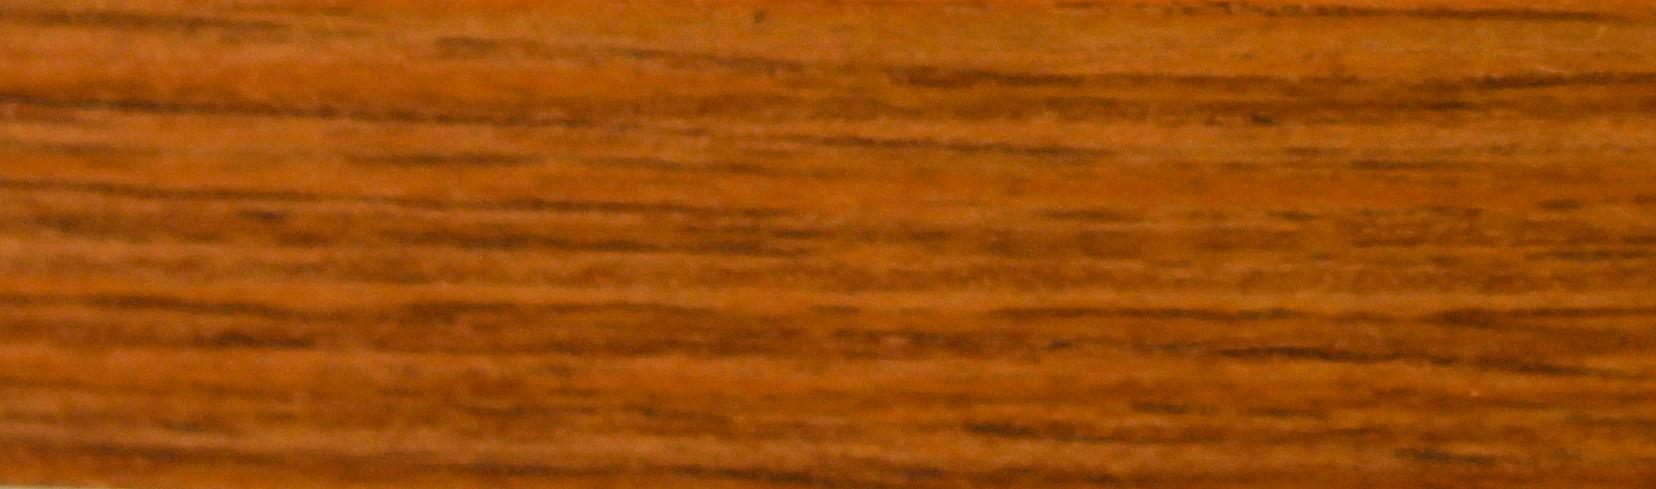 DM2115 - 500-  ROBSON OAK  22 x 2 mm